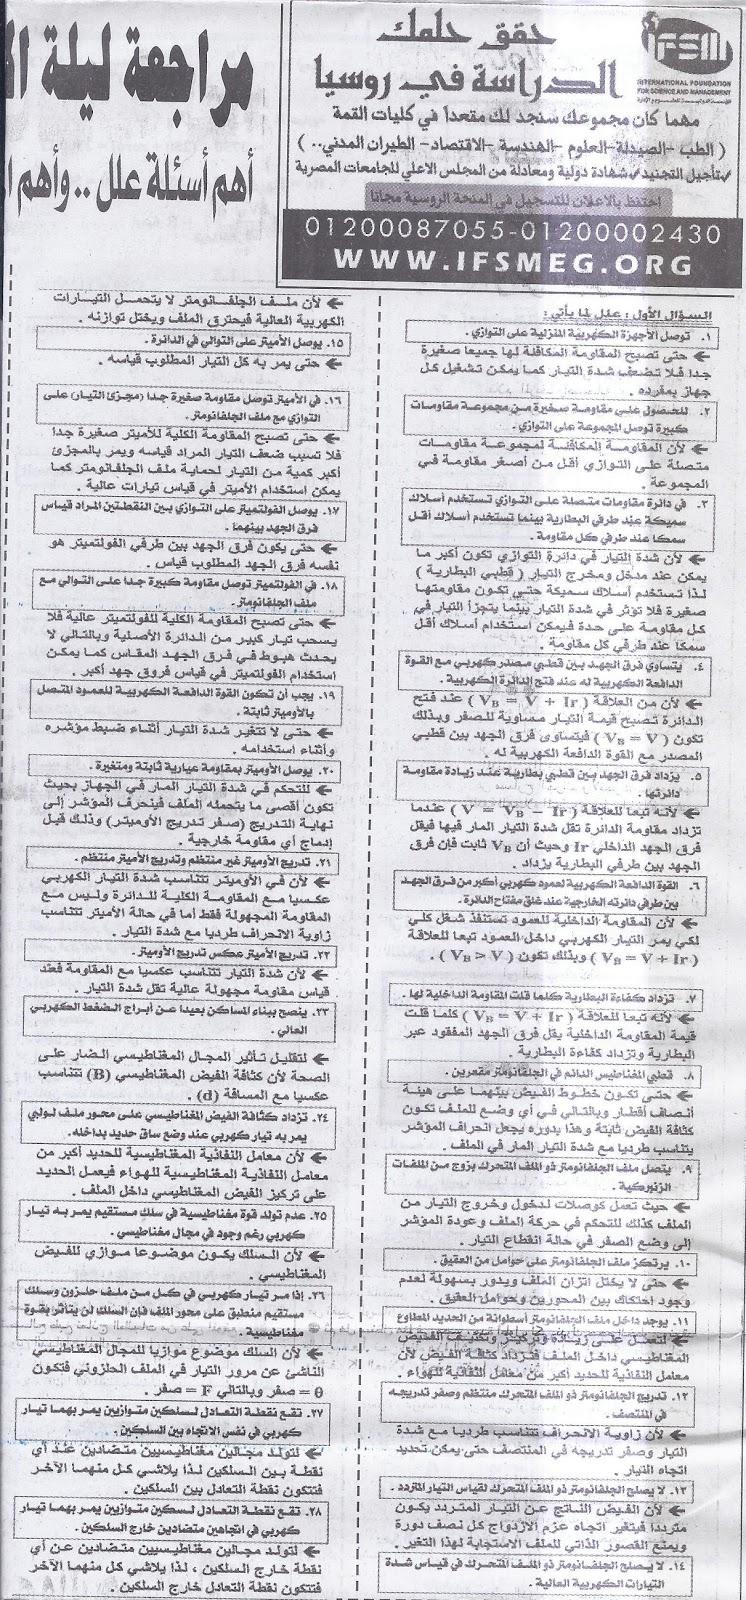 """مراجعة فيزياء .. اهم اسئلة علل واهم المسائل والرسومات البيانية للثانوية العامة """"عربي ولغات"""" 3"""